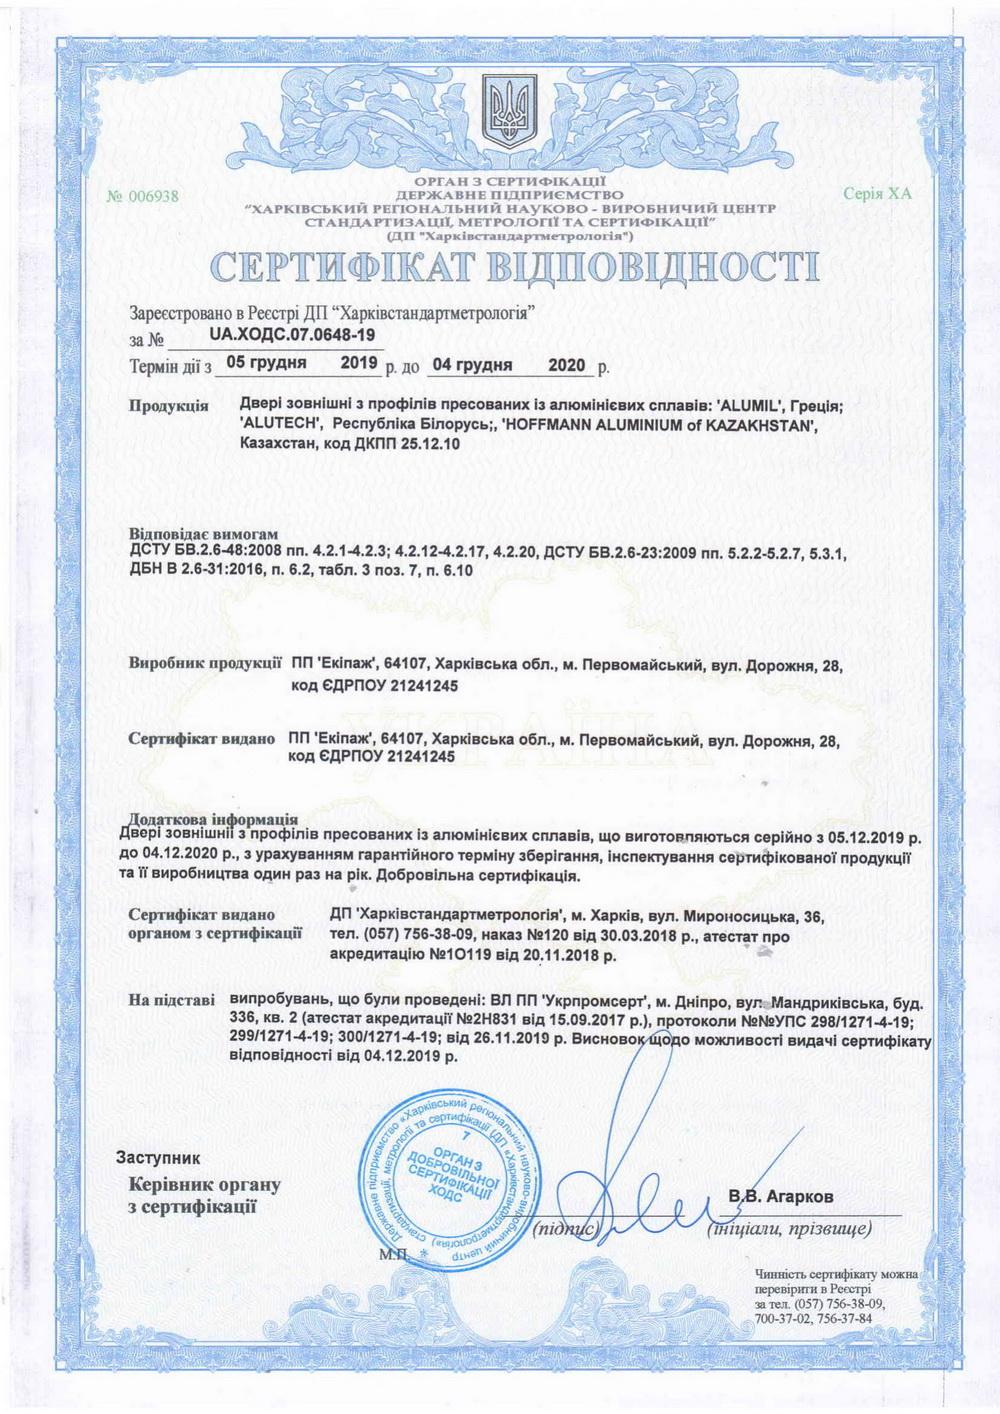 Сертифікат відповідності ALUMIL, ALUTECH, HOFFMANN, який допомагає дилерам EKIPAZH при роботі з клієнтами